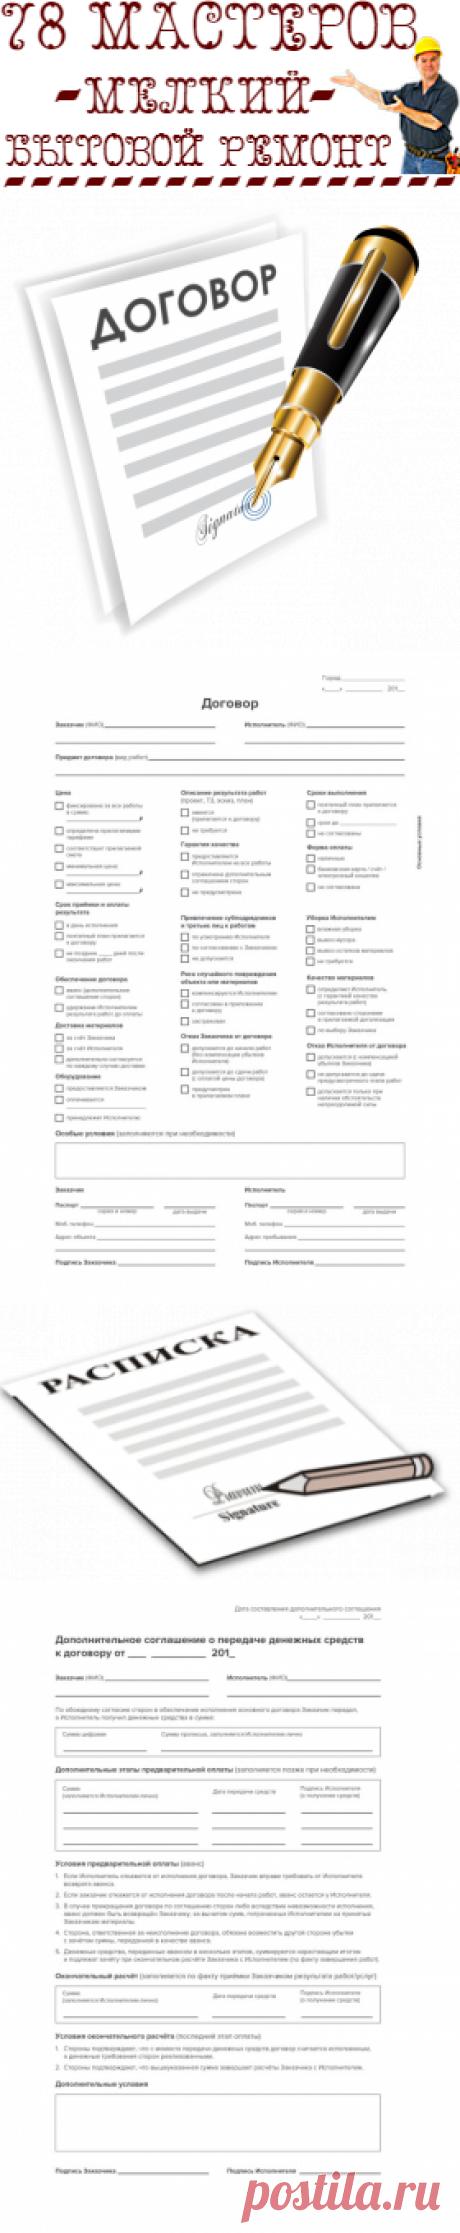 Договор | 78 Мастеров | Мелкий ремонт СПб | Муж на час СПб